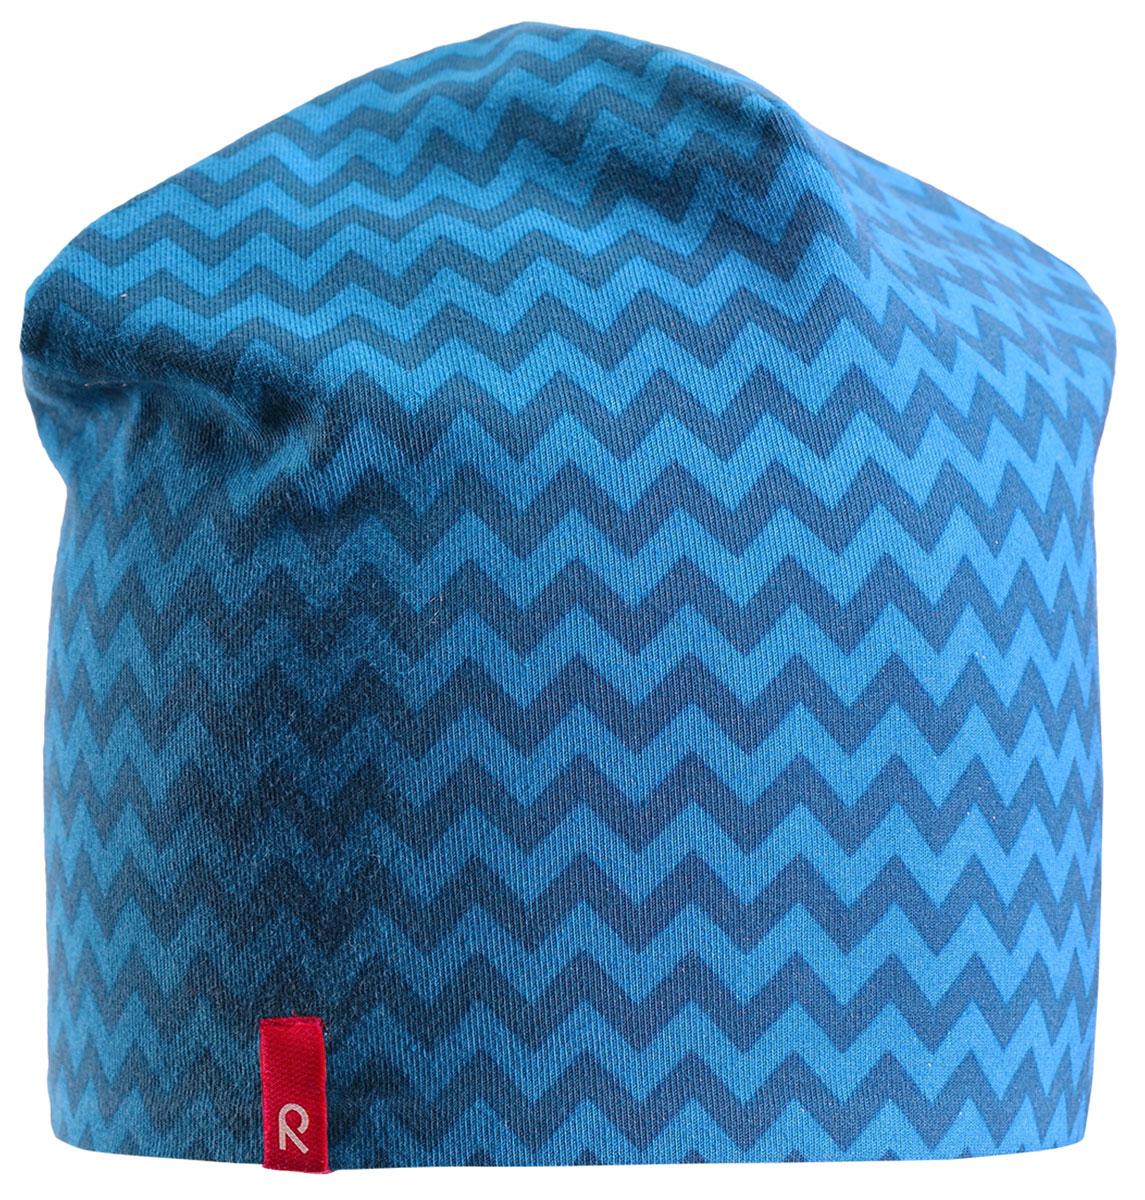 Шапка-бини детская Reima Hirvi, цвет: синий. 5285396492. Размер 545285396492Легкая двусторонняя шапка Reima для малышей и детей постарше с УФ-защитой 40+. Шапка изготовлена из дышащего и быстросохнущего материла Play Jersey, эффективно выводящего влагу с кожи. Озорная двухсторонняя шапка меняет цвет в одно мгновение! Обратная сторона шапки серая.